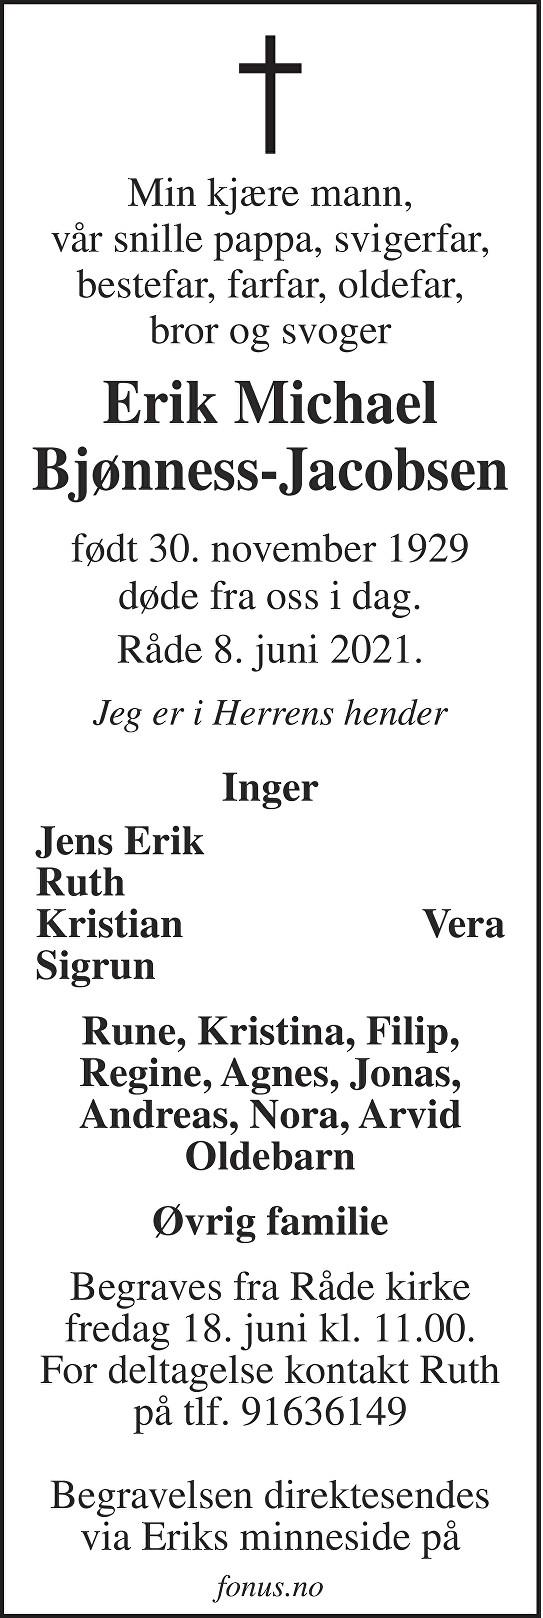 Erik Michael Bjønness-Jacobsen Dødsannonse